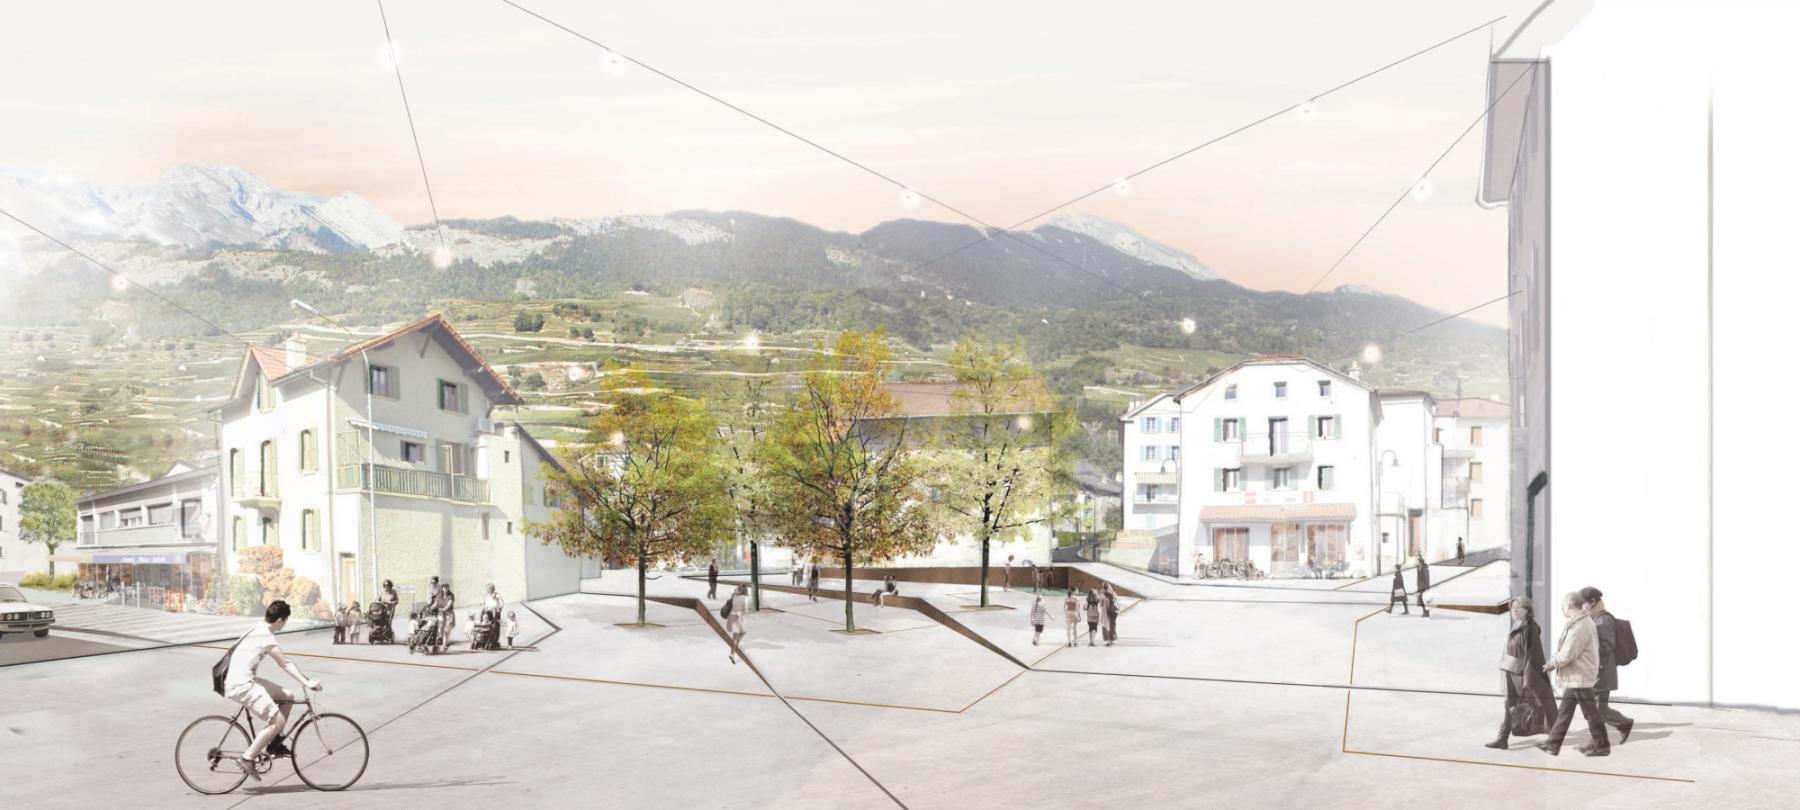 Perspective de la place Centrale du projet lignes de vie (©Localarchitecture, CSD ingénieurs, paysagestion architects-paysagistes, MSR planification en transports)